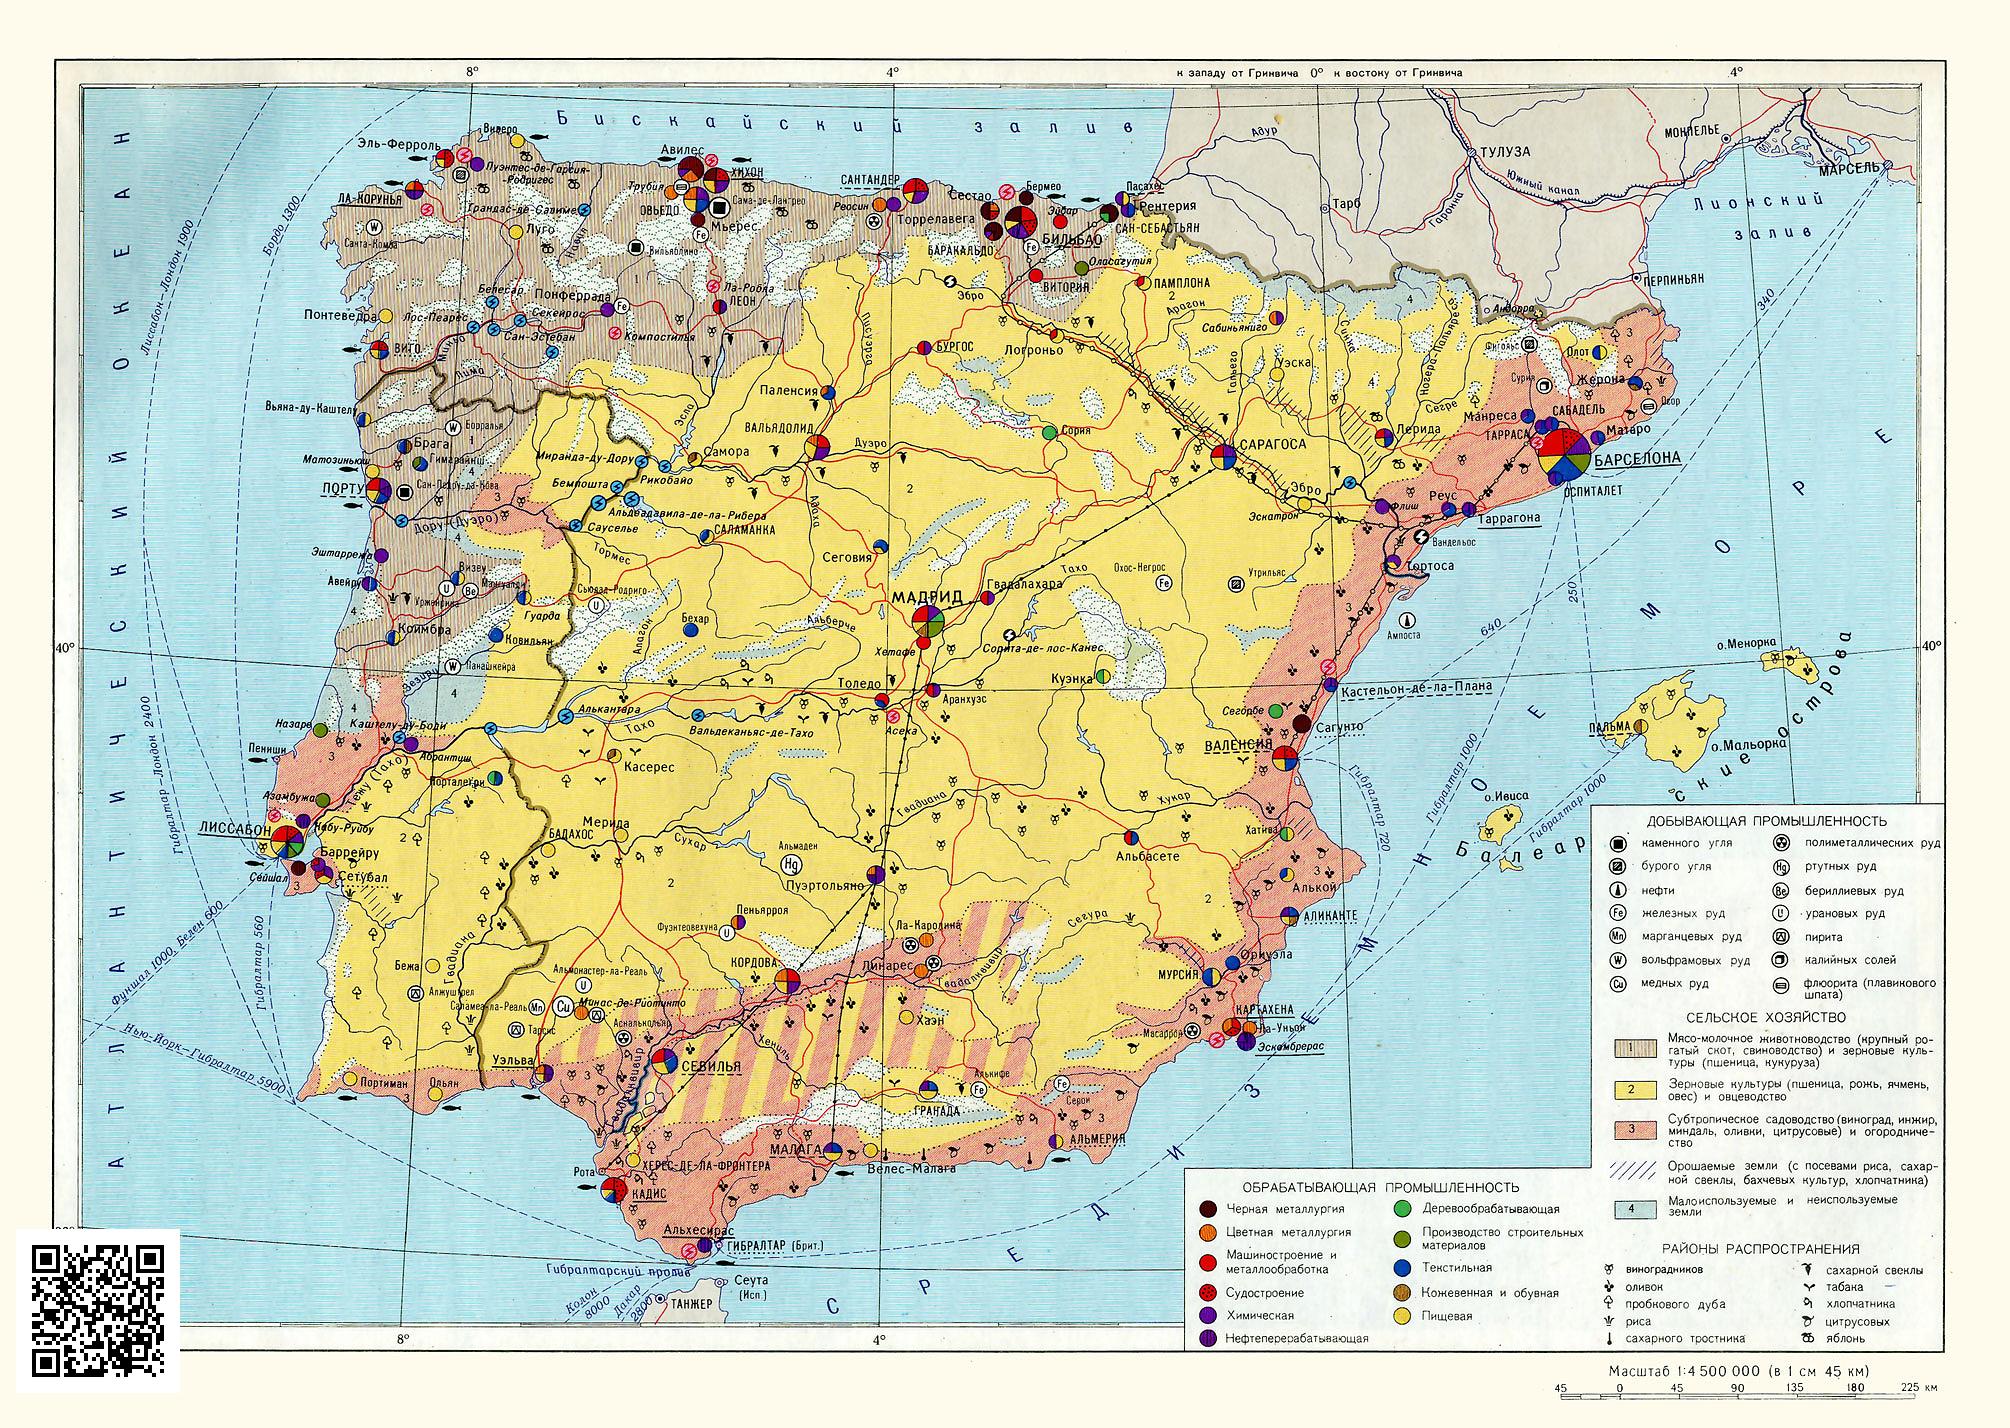 Karta Ekonomicheskih Rajonov Ispanii Ekonomicheskie Rajony Ispanii